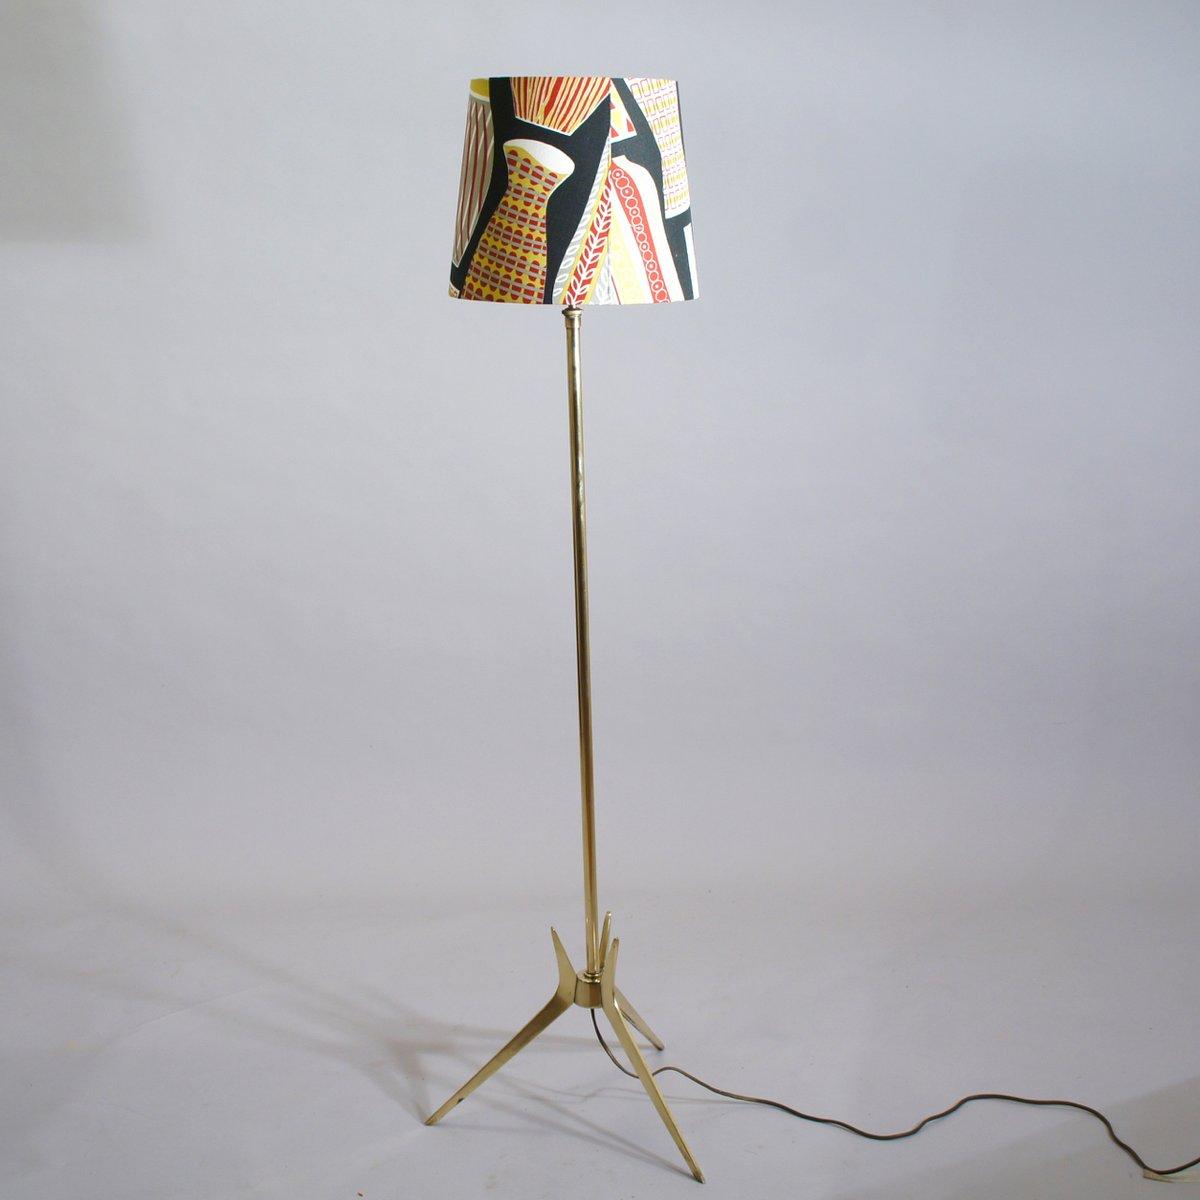 Elegant Stehlampe Mit Schirm Das Beste Von Schwedische Vintage Im Sanderson Bezug